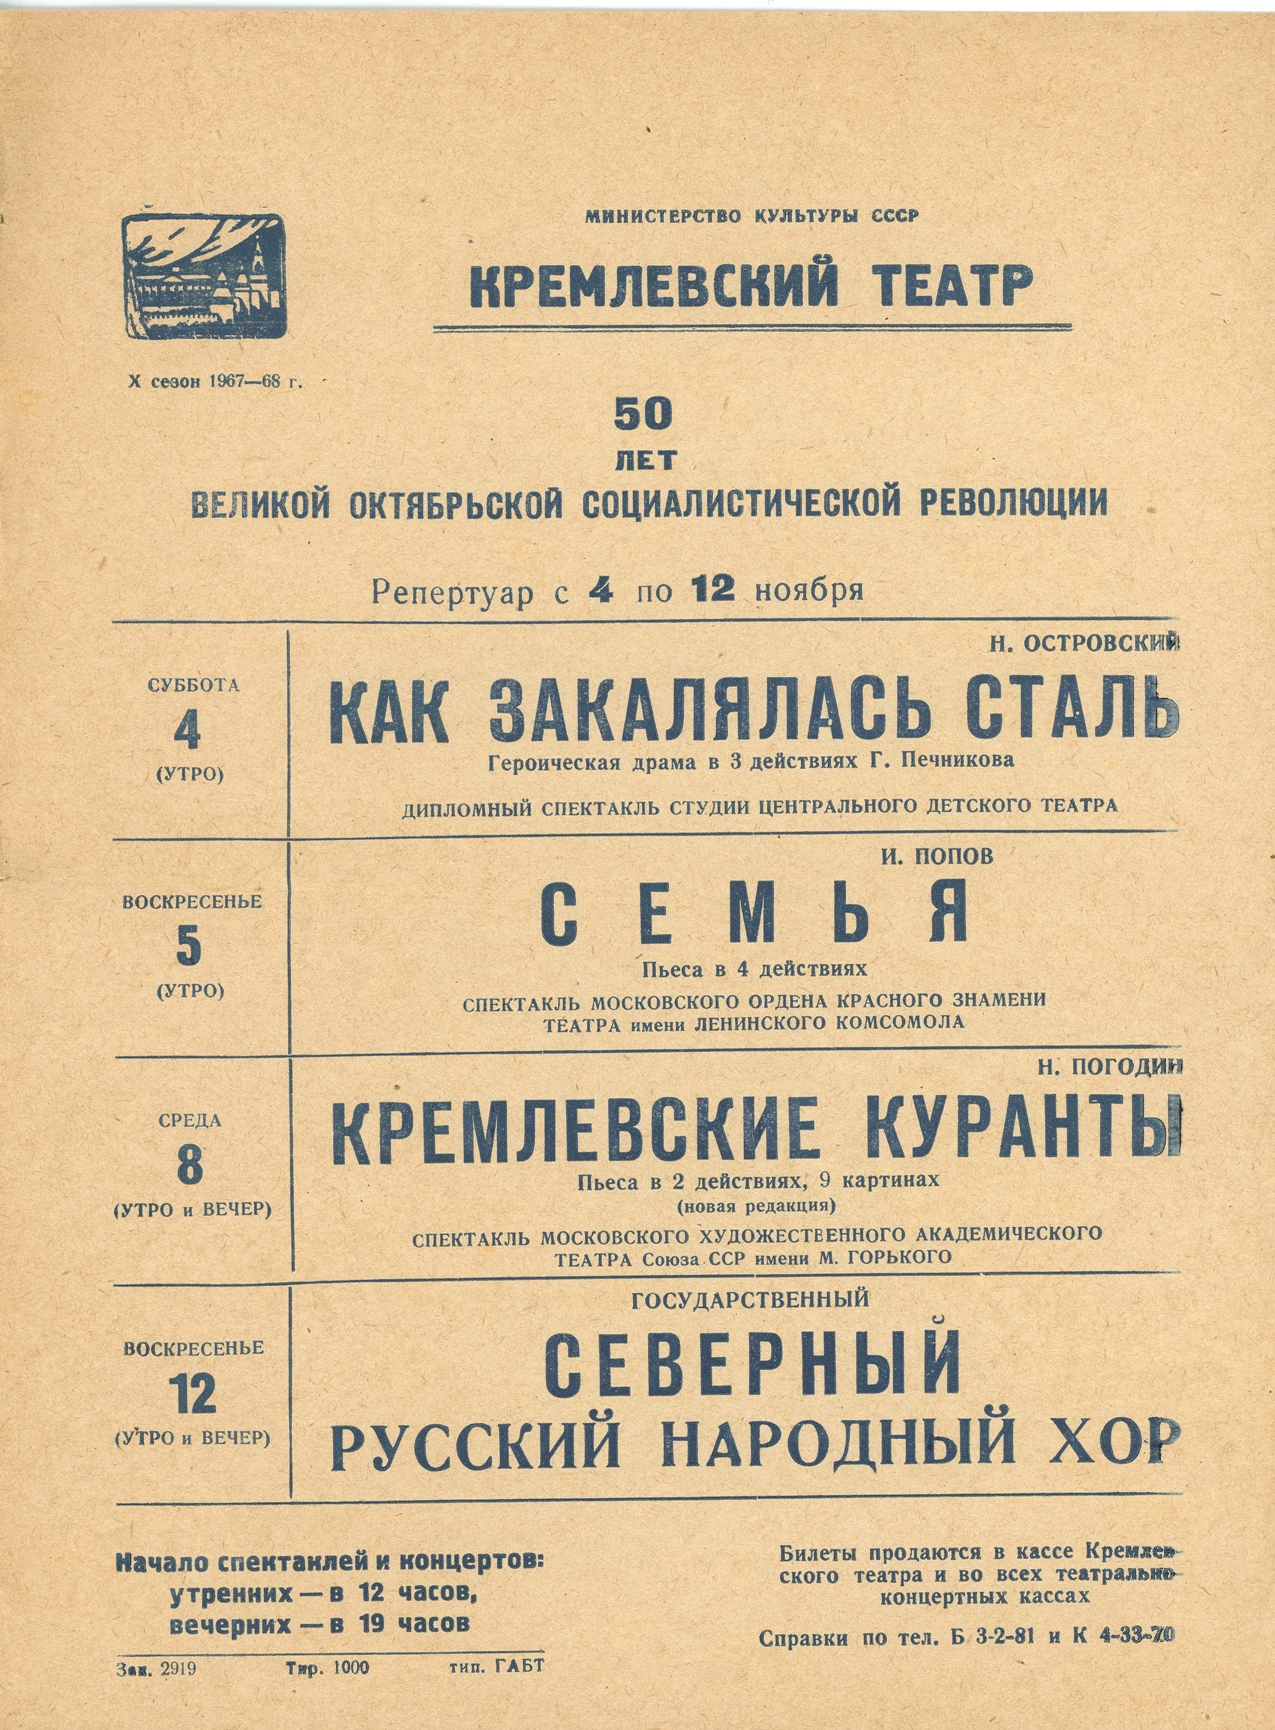 Афиша_Кремлевский театр 1967г_